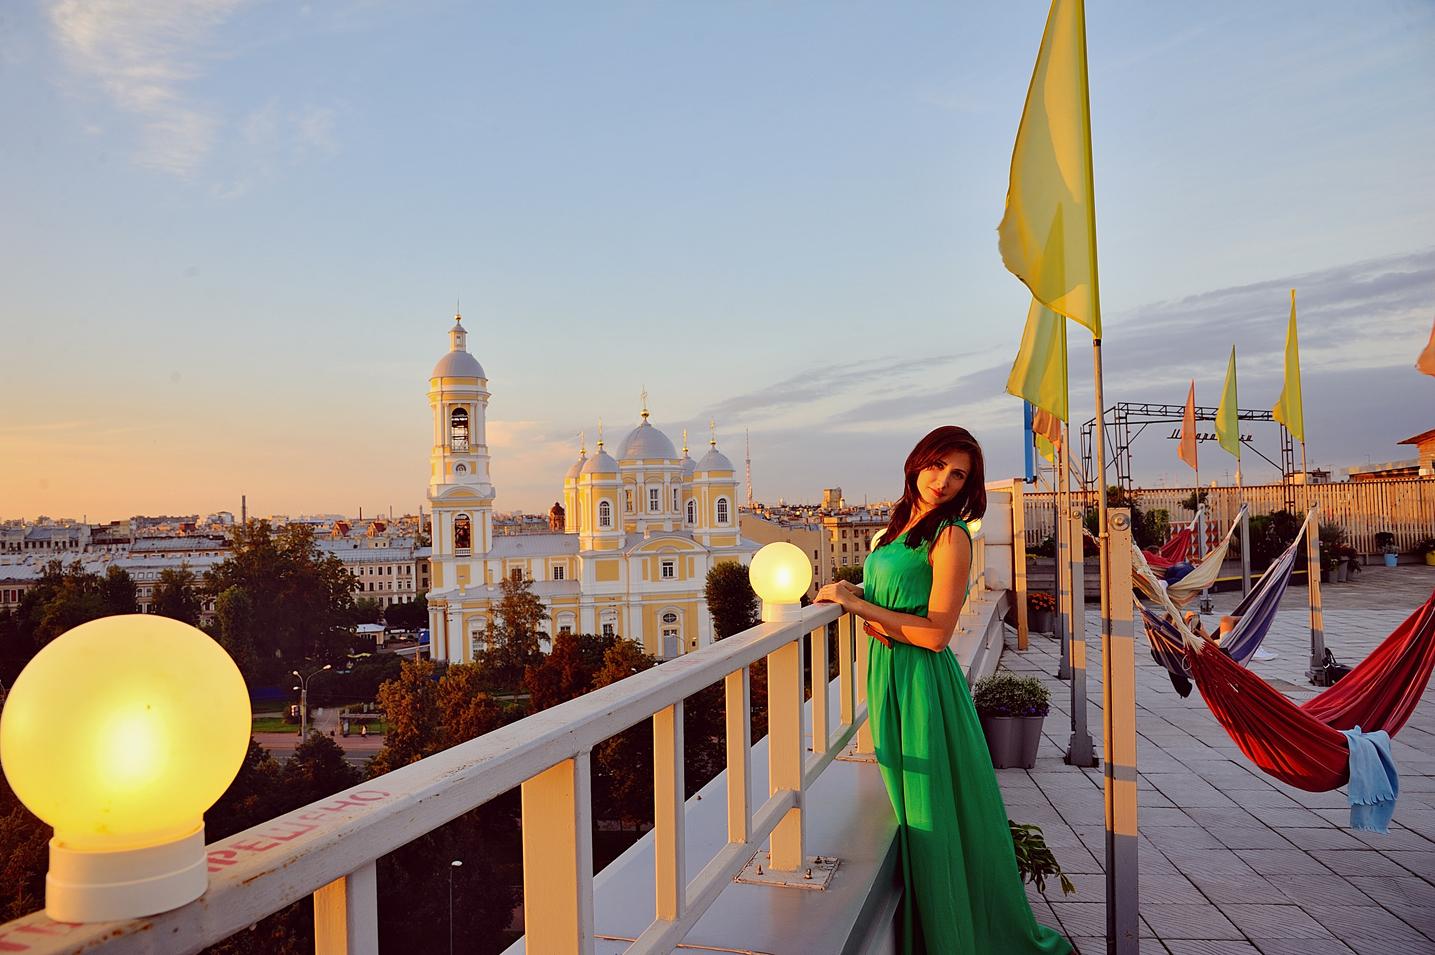 фотосессия для девушки на крыше